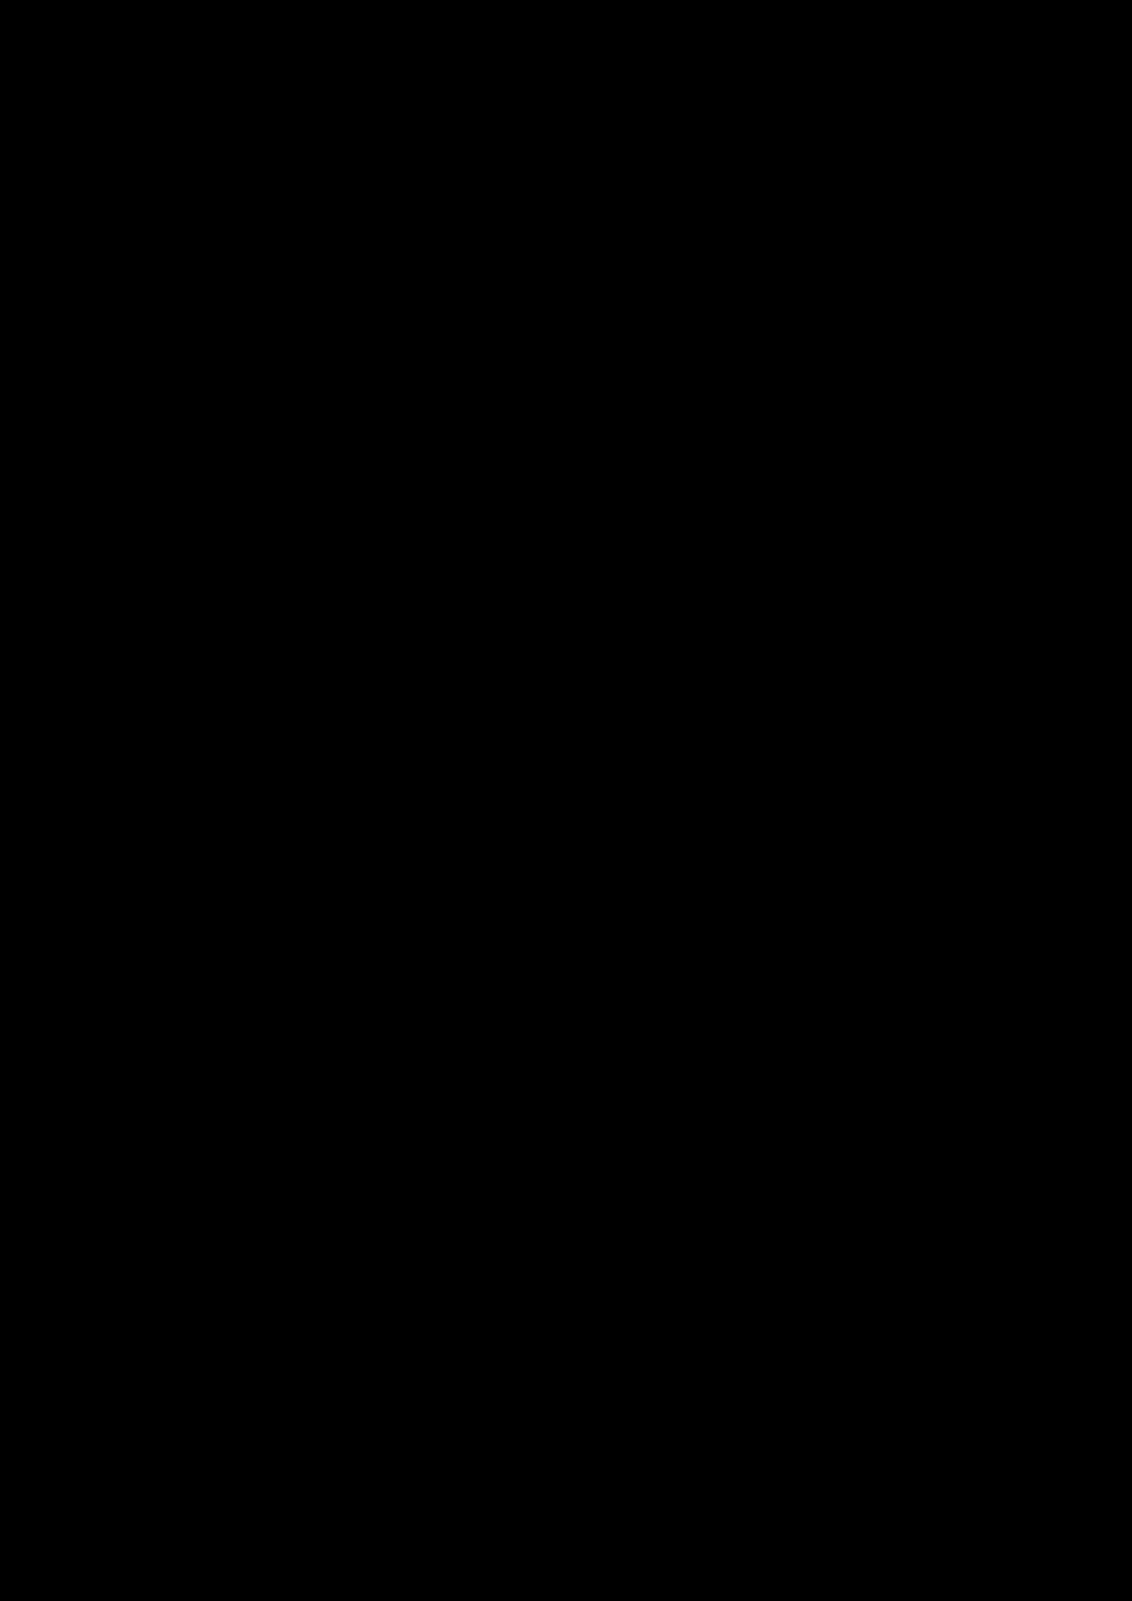 Serdtse slide, Image 66